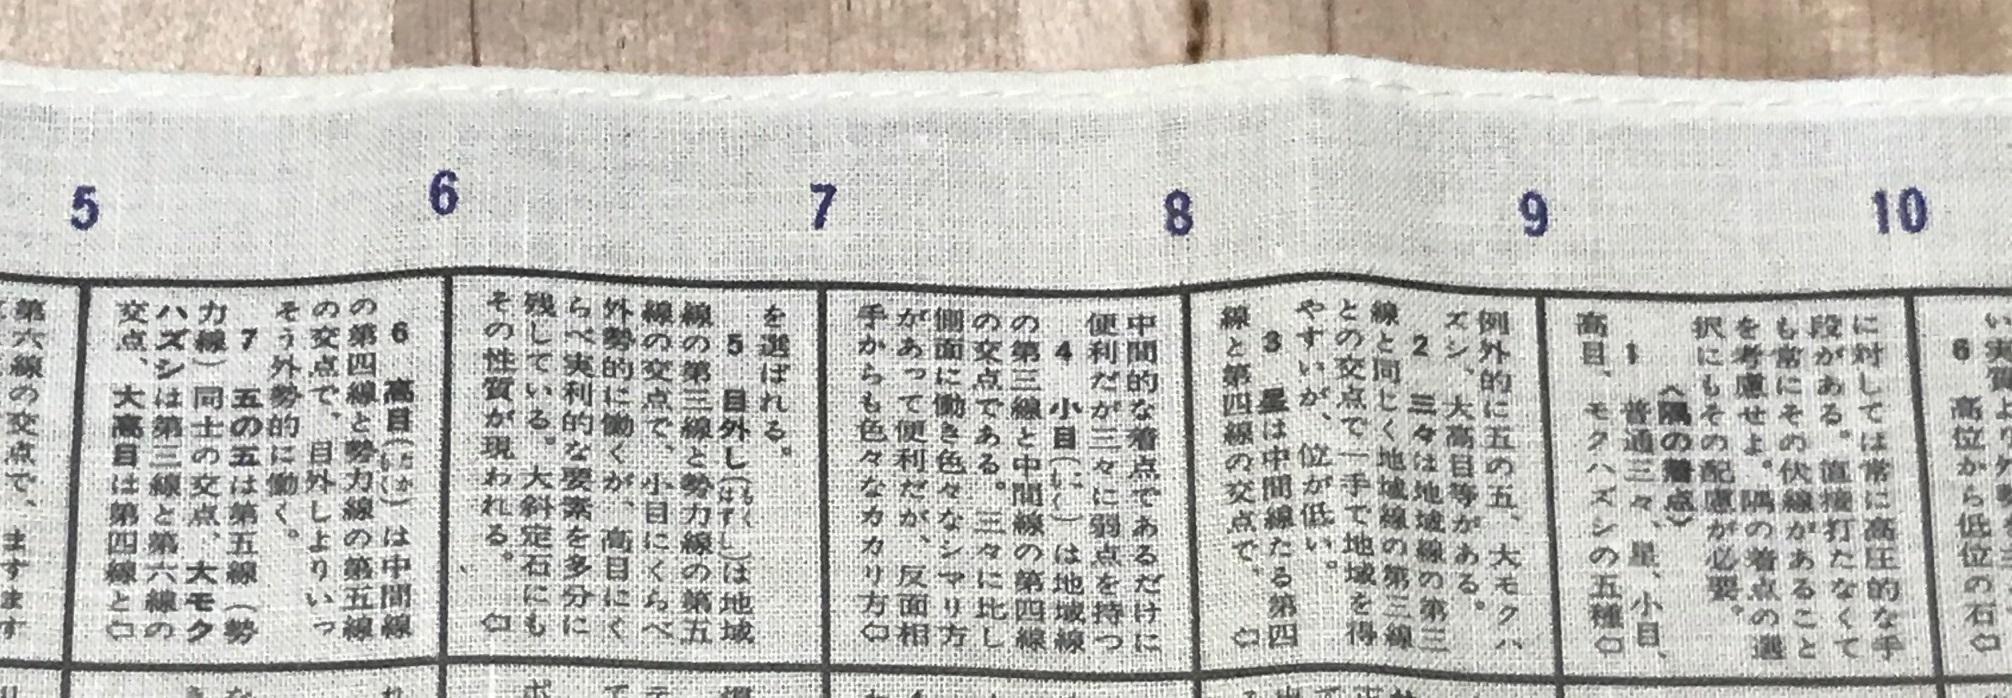 『囲碁百科ハンカチ』 その4